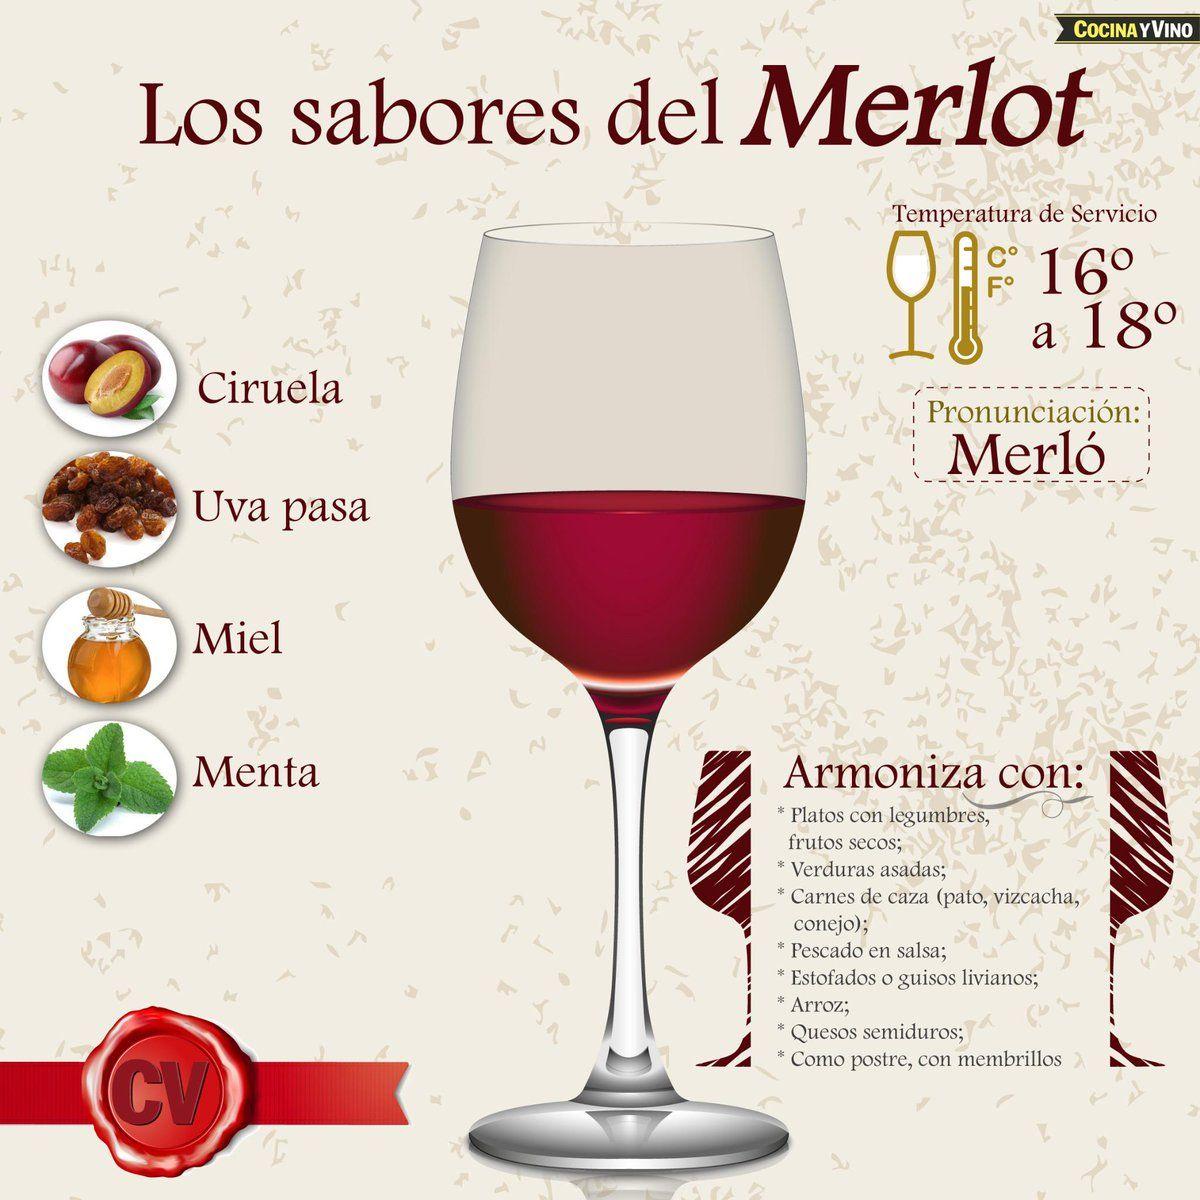 Sabores Del Merlot Comida Y Vino Vinos Y Quesos Alimentos Y Bebidas Recetas